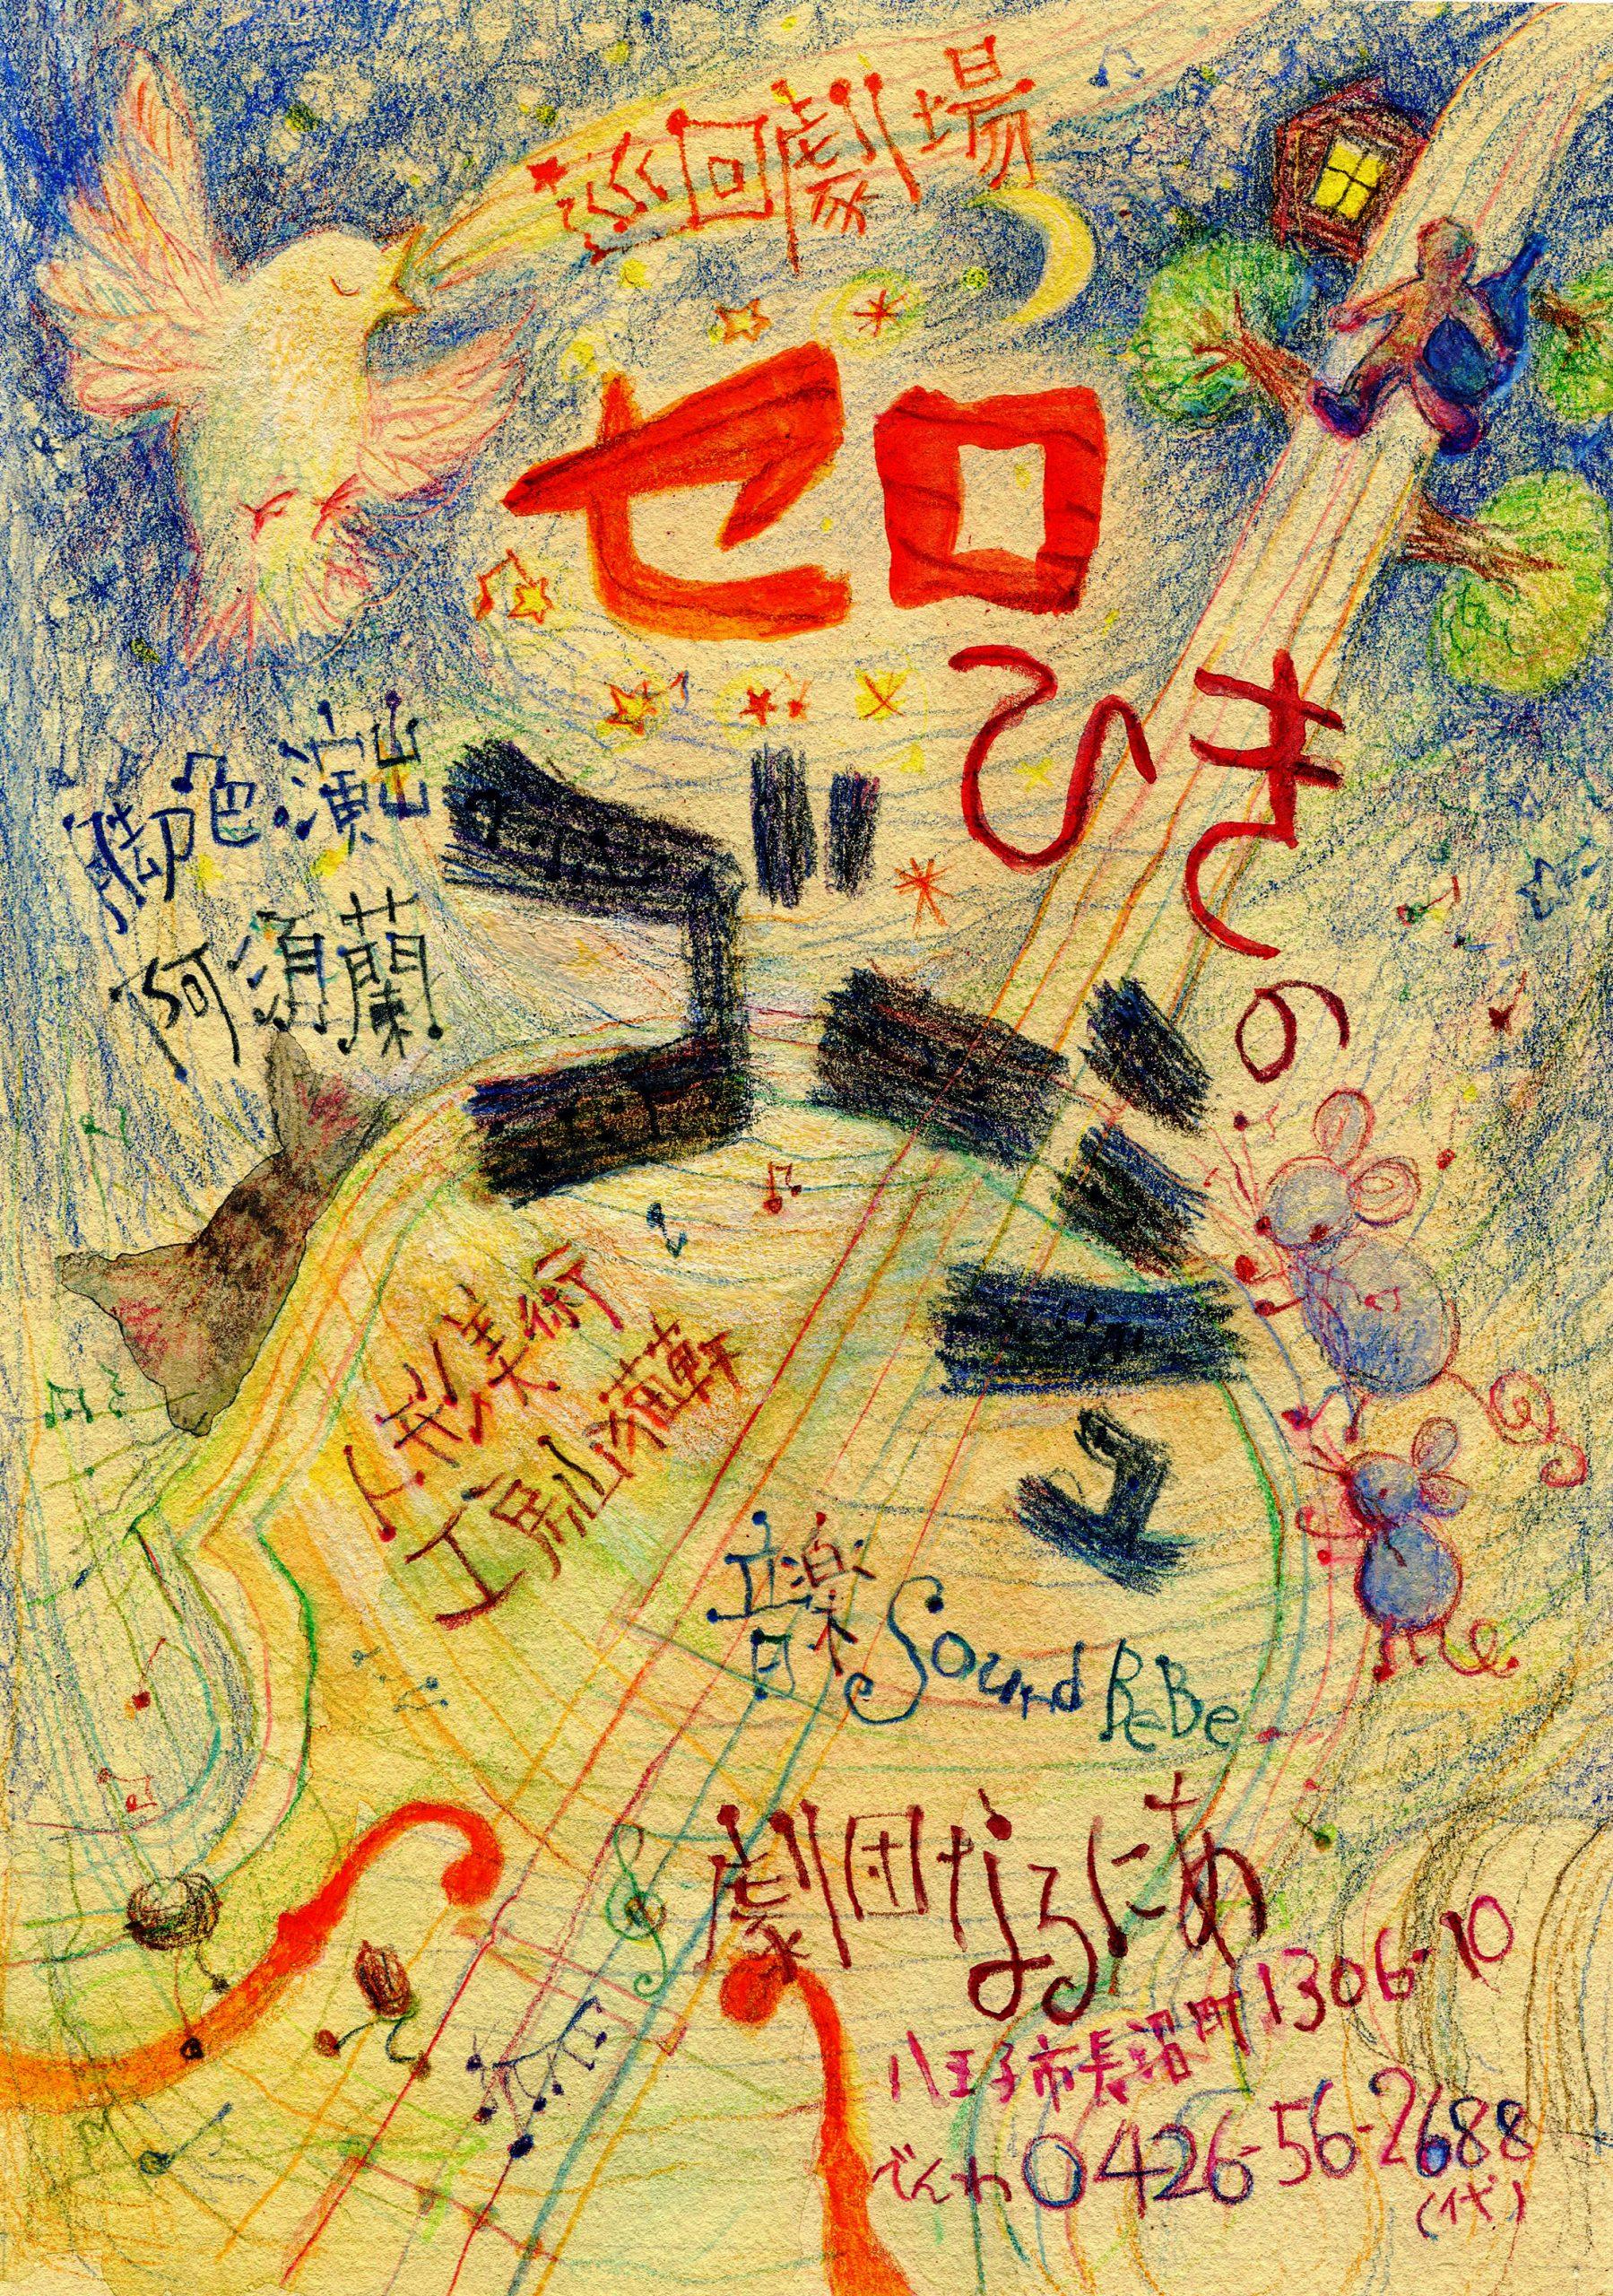 セロひきのゴーシュ/2003年